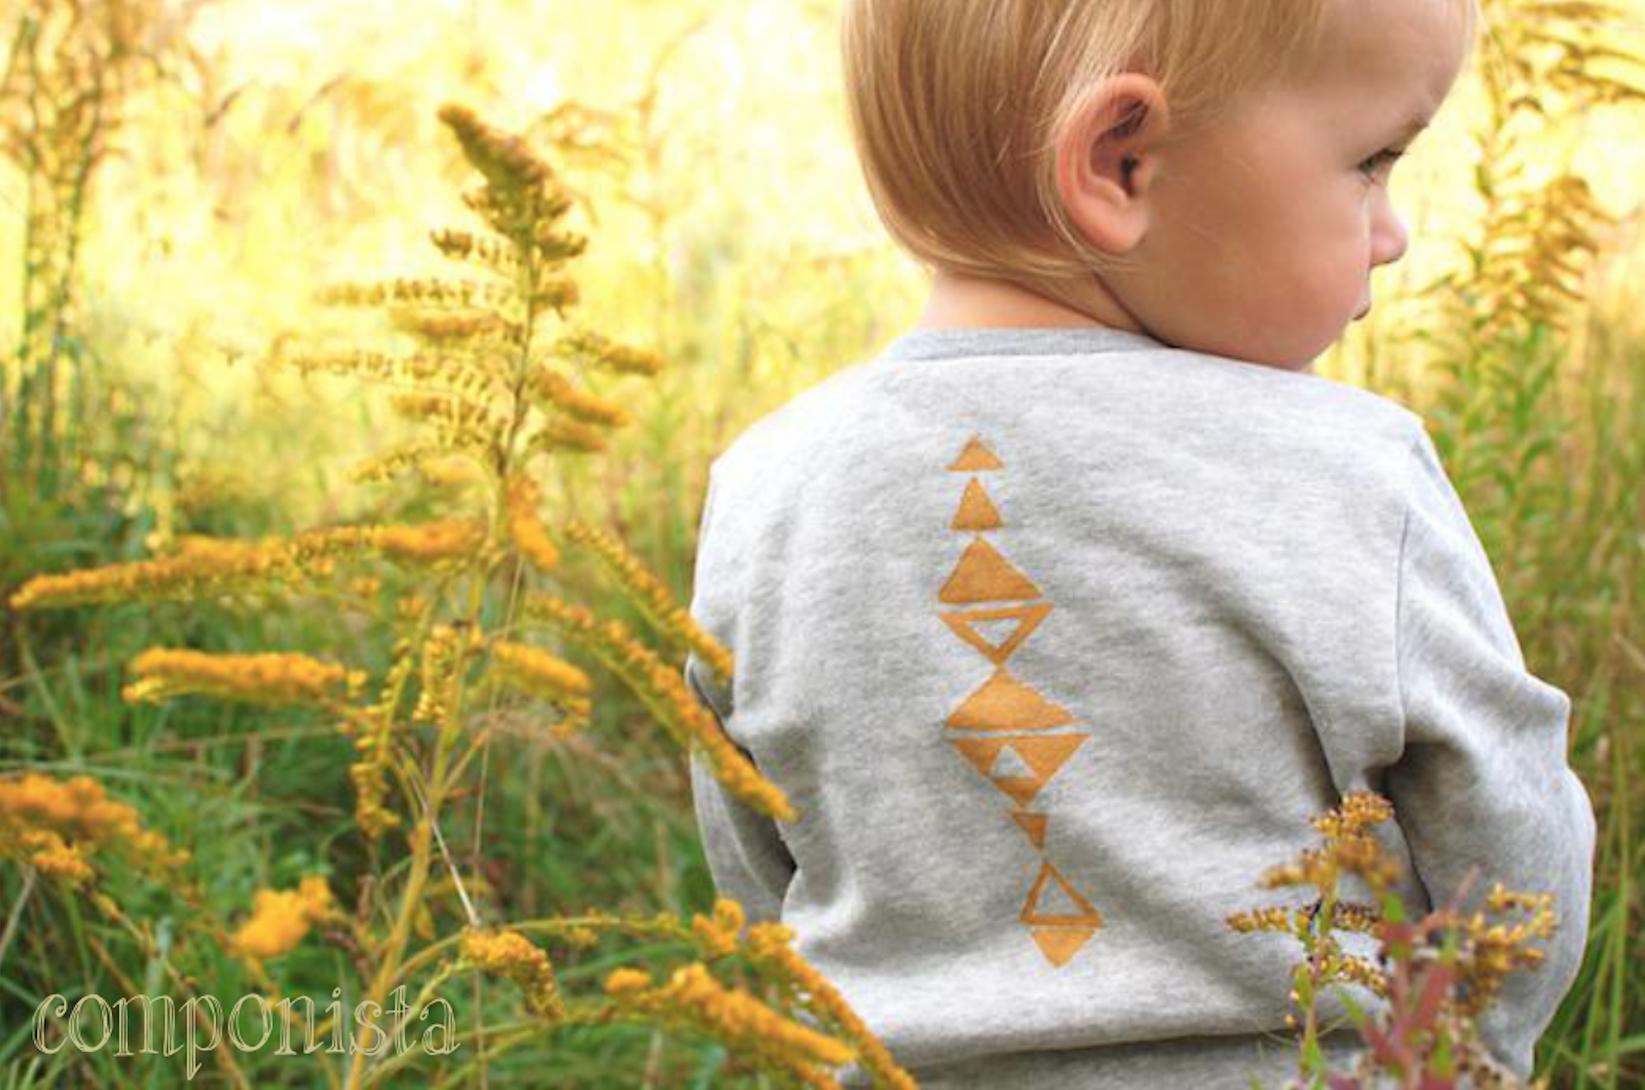 Baby biologische Babymode Pullover Gräser Print Ethno